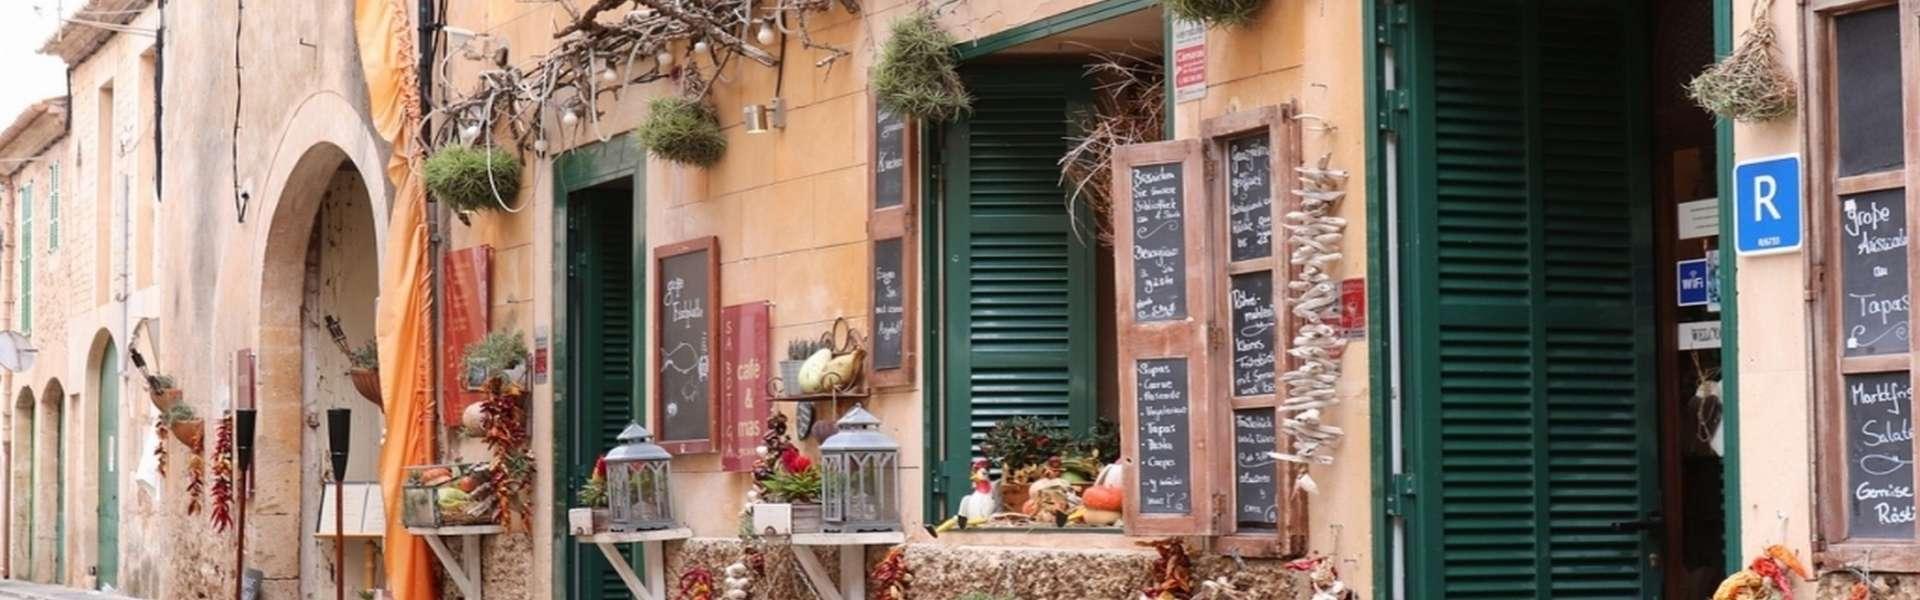 Alqueria Blanca - Casa de pueblo restaurada en el corazón de este pintoresco pueblo